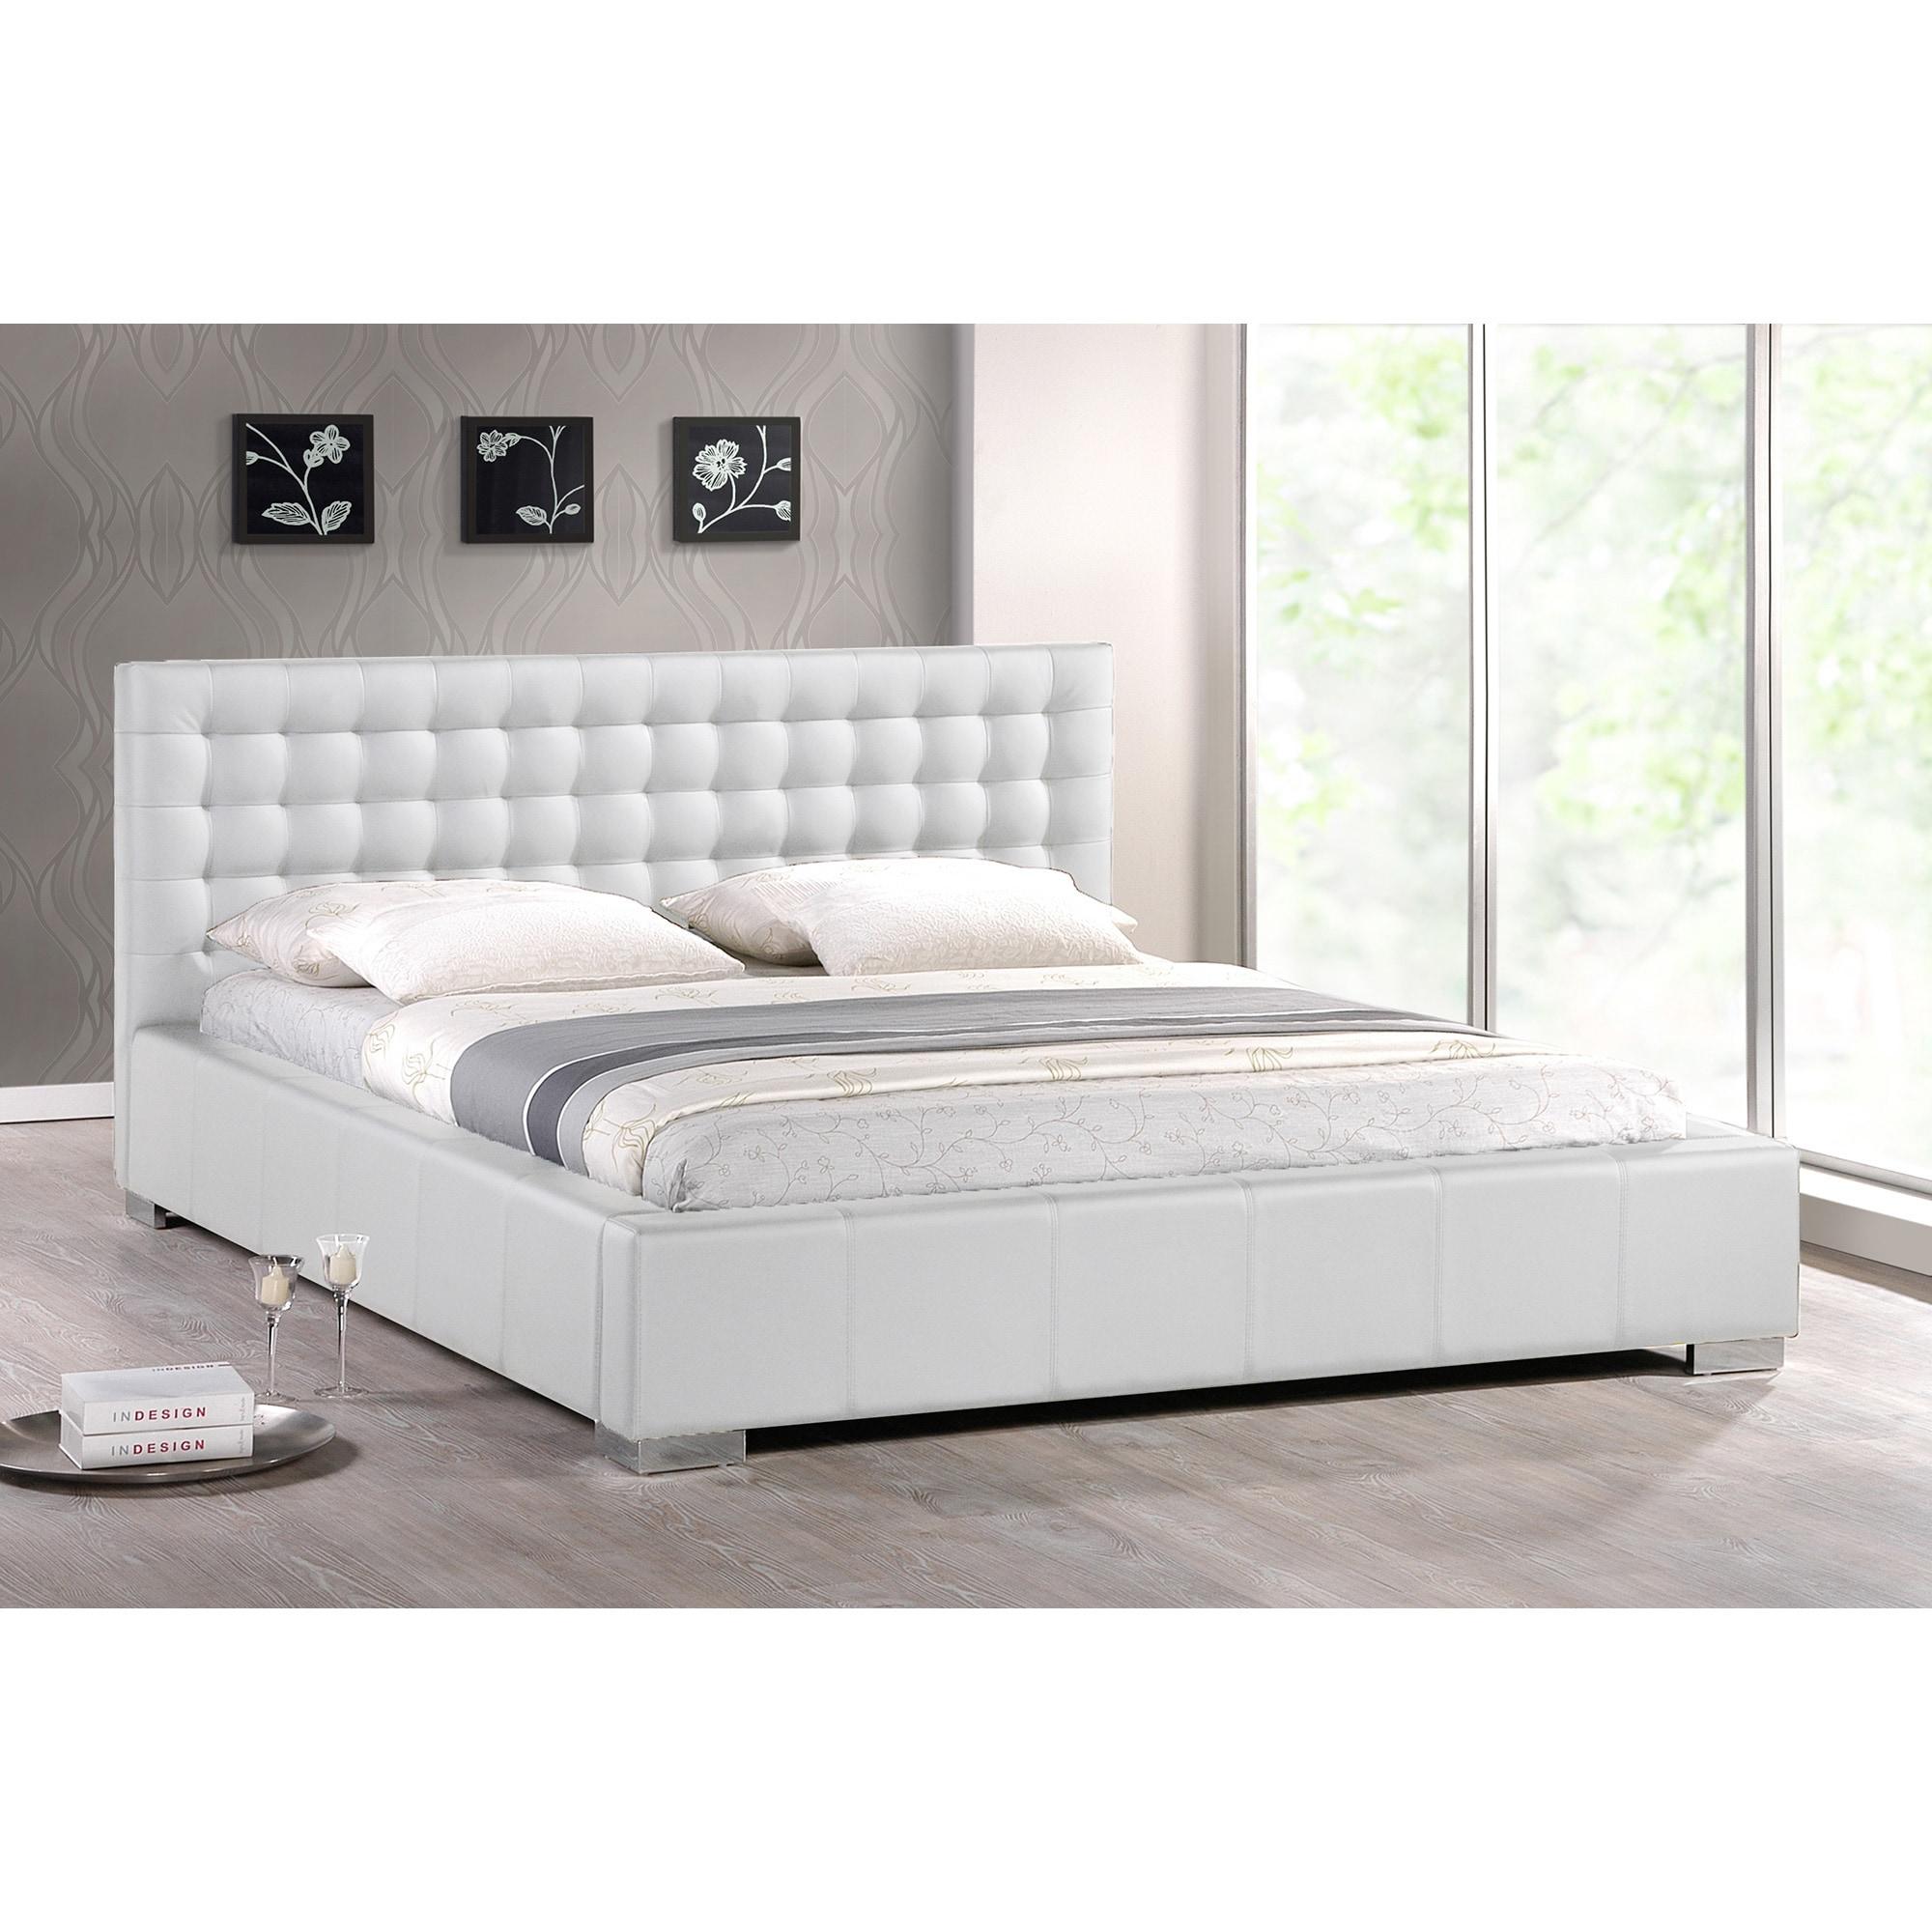 Attirant Madison White Modern Queen Size Platform Bed